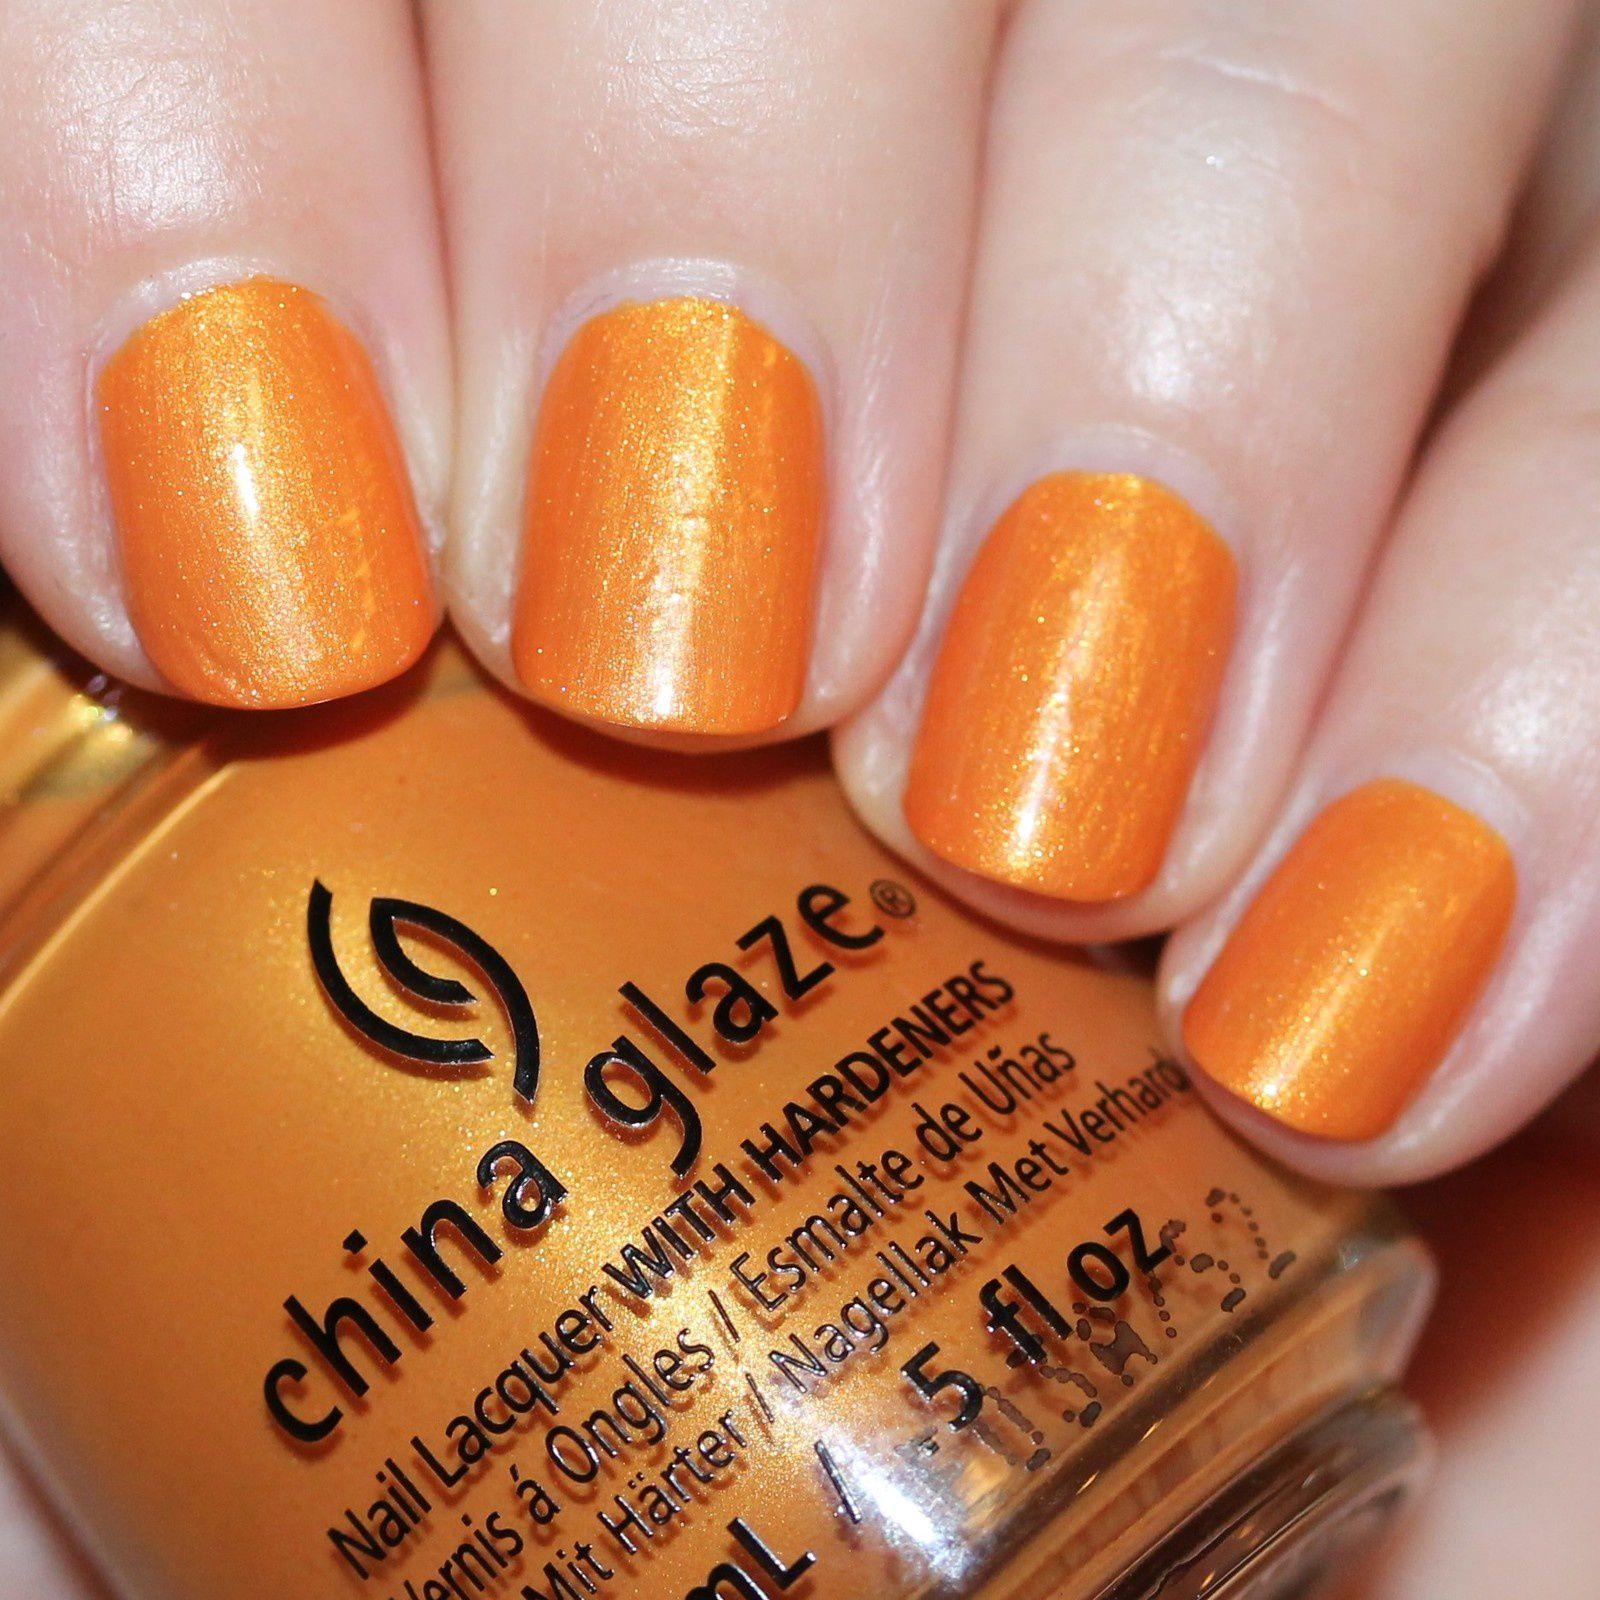 Essie Protein Base Coat / China Glaze Accent Piece / Essie Gel Top Coat